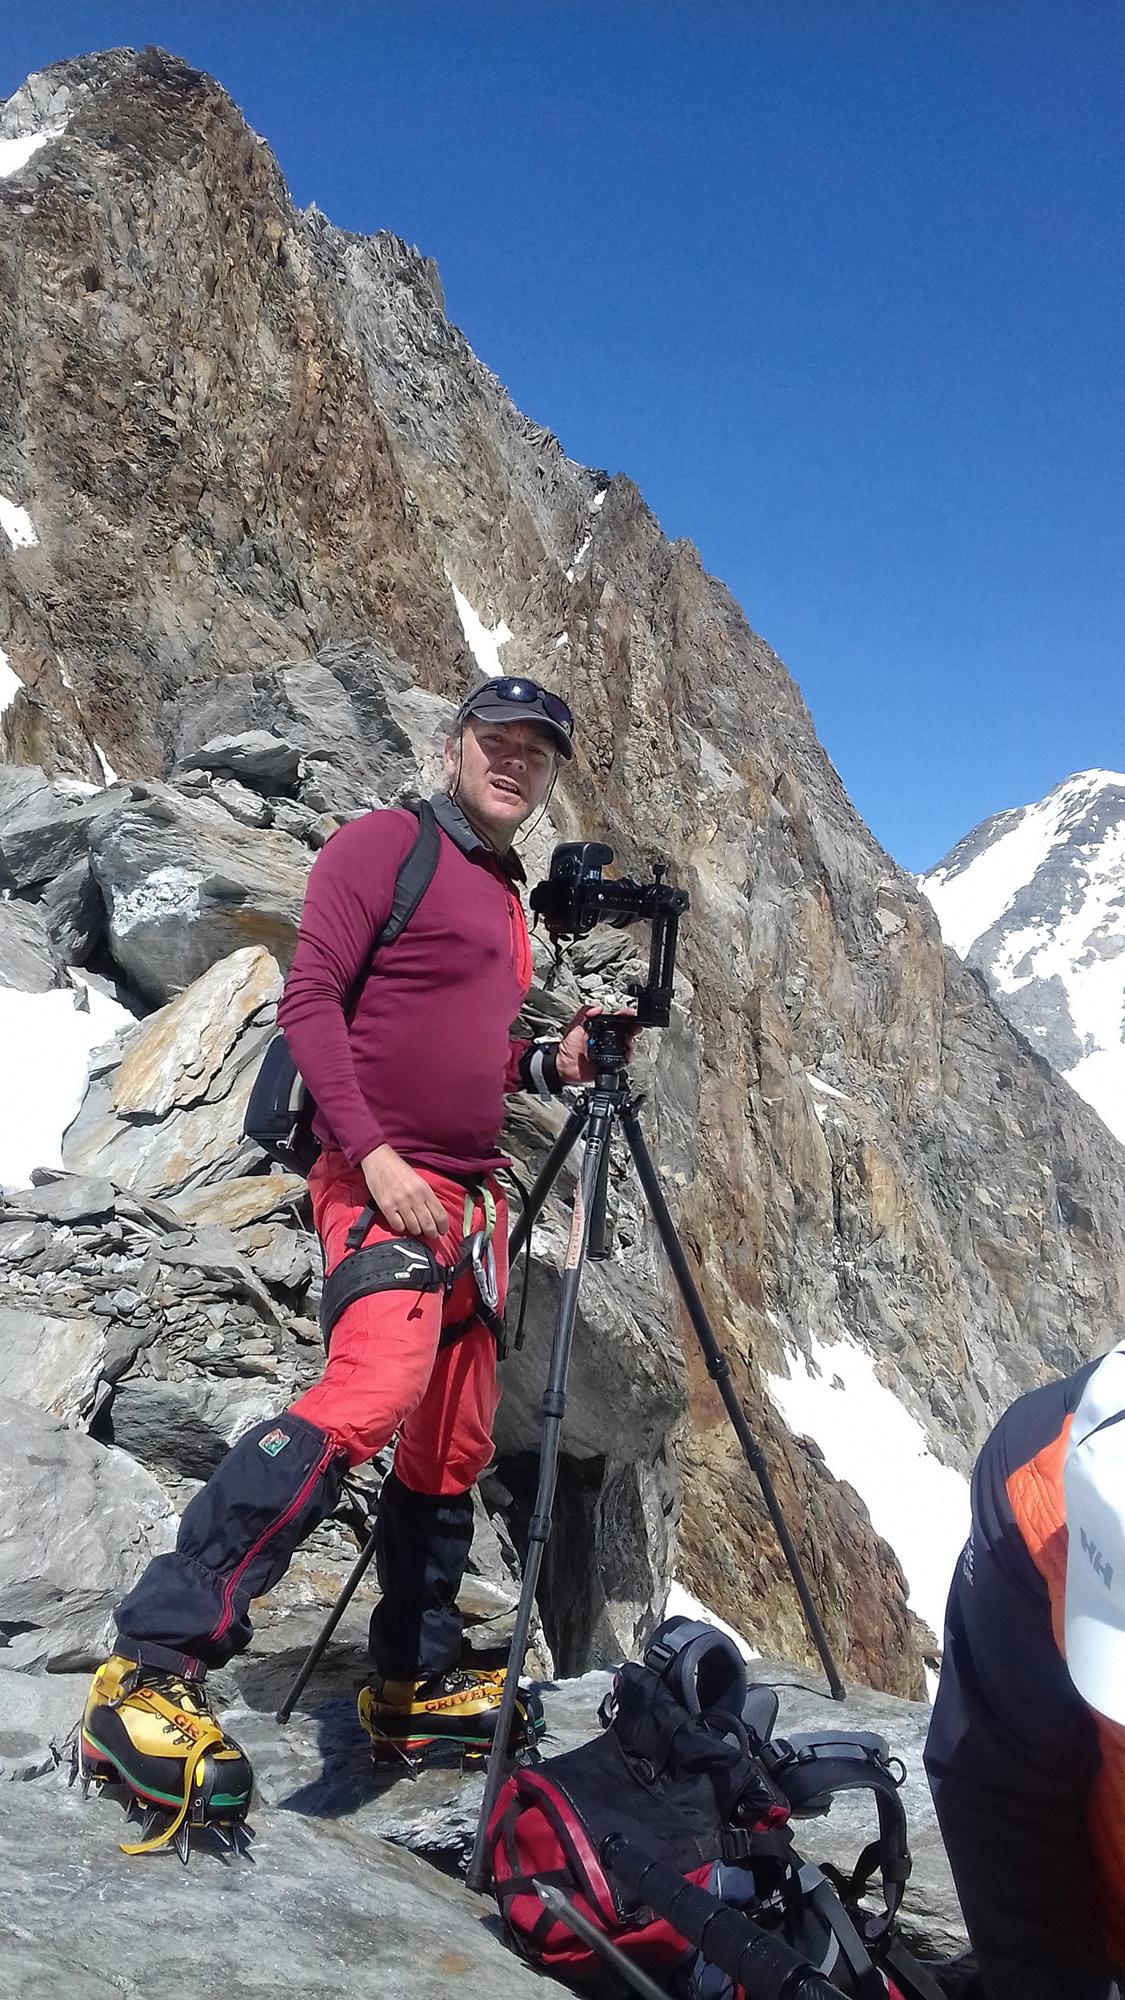 making of de la visite virtuelle de l'ascension des Dômes de Miage. Visite virtuelle HD pour la promotion des sites naturels d'exception.